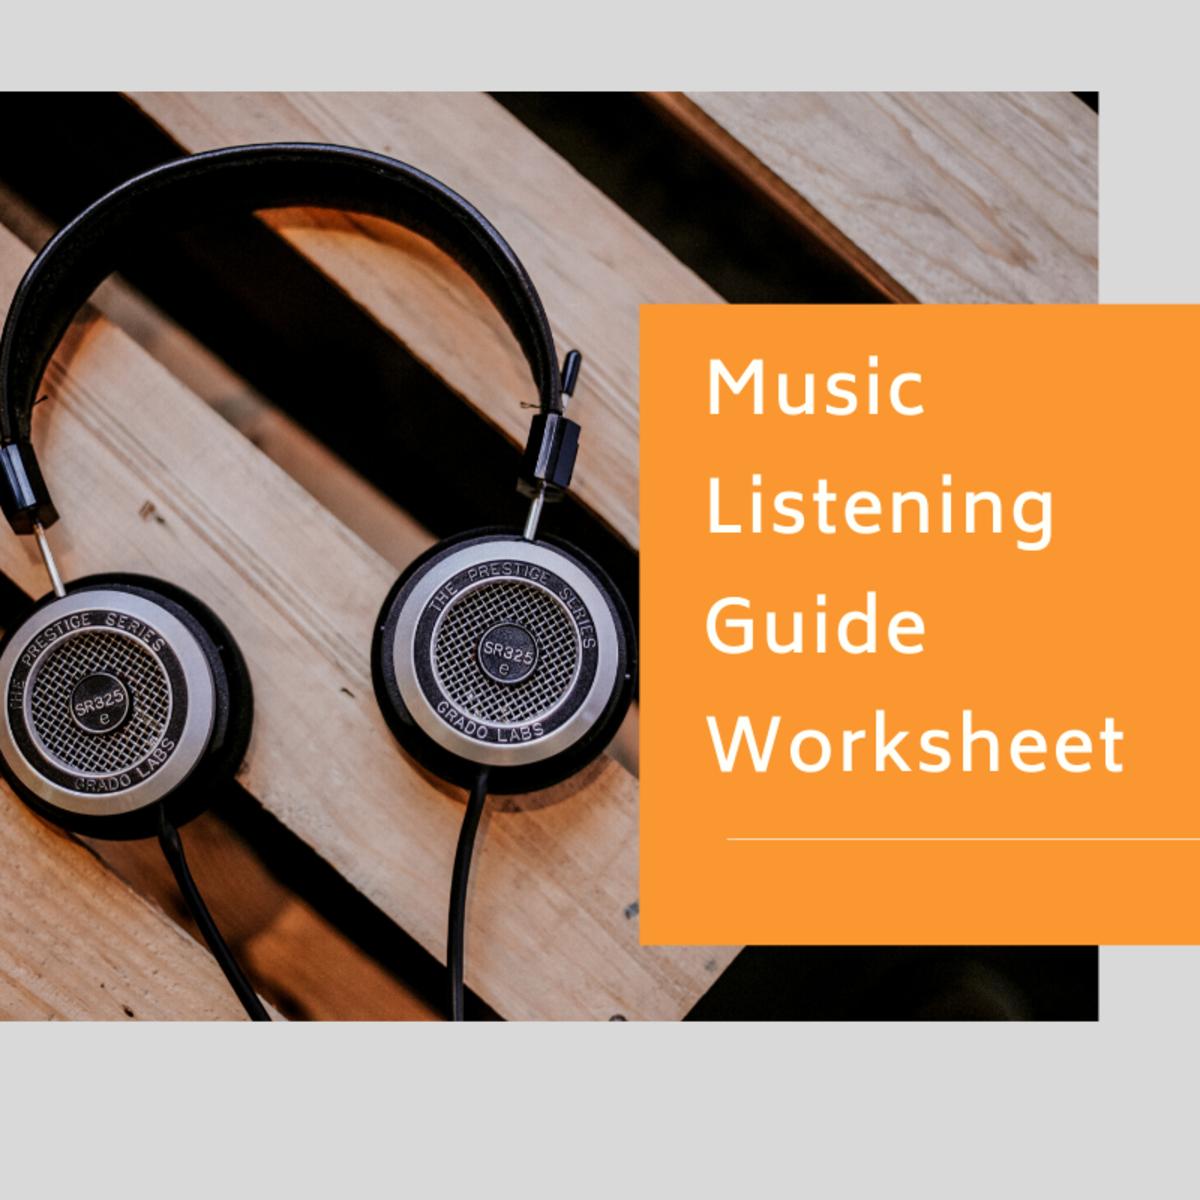 Music Listening Guide Worksheet